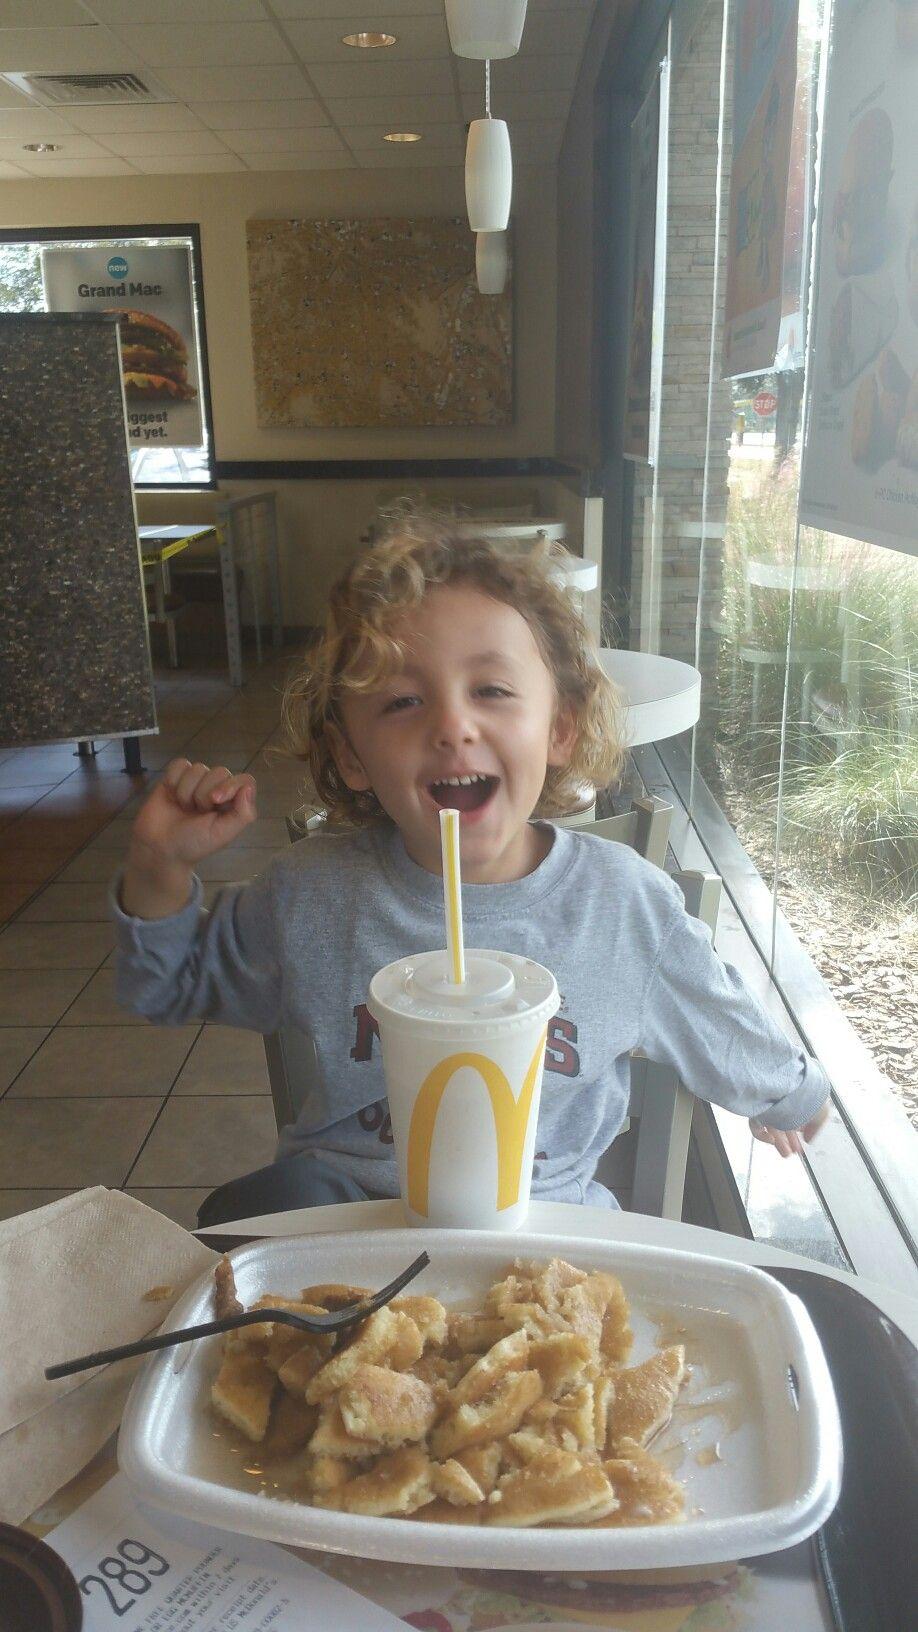 Caleb loves his McDees pancakes